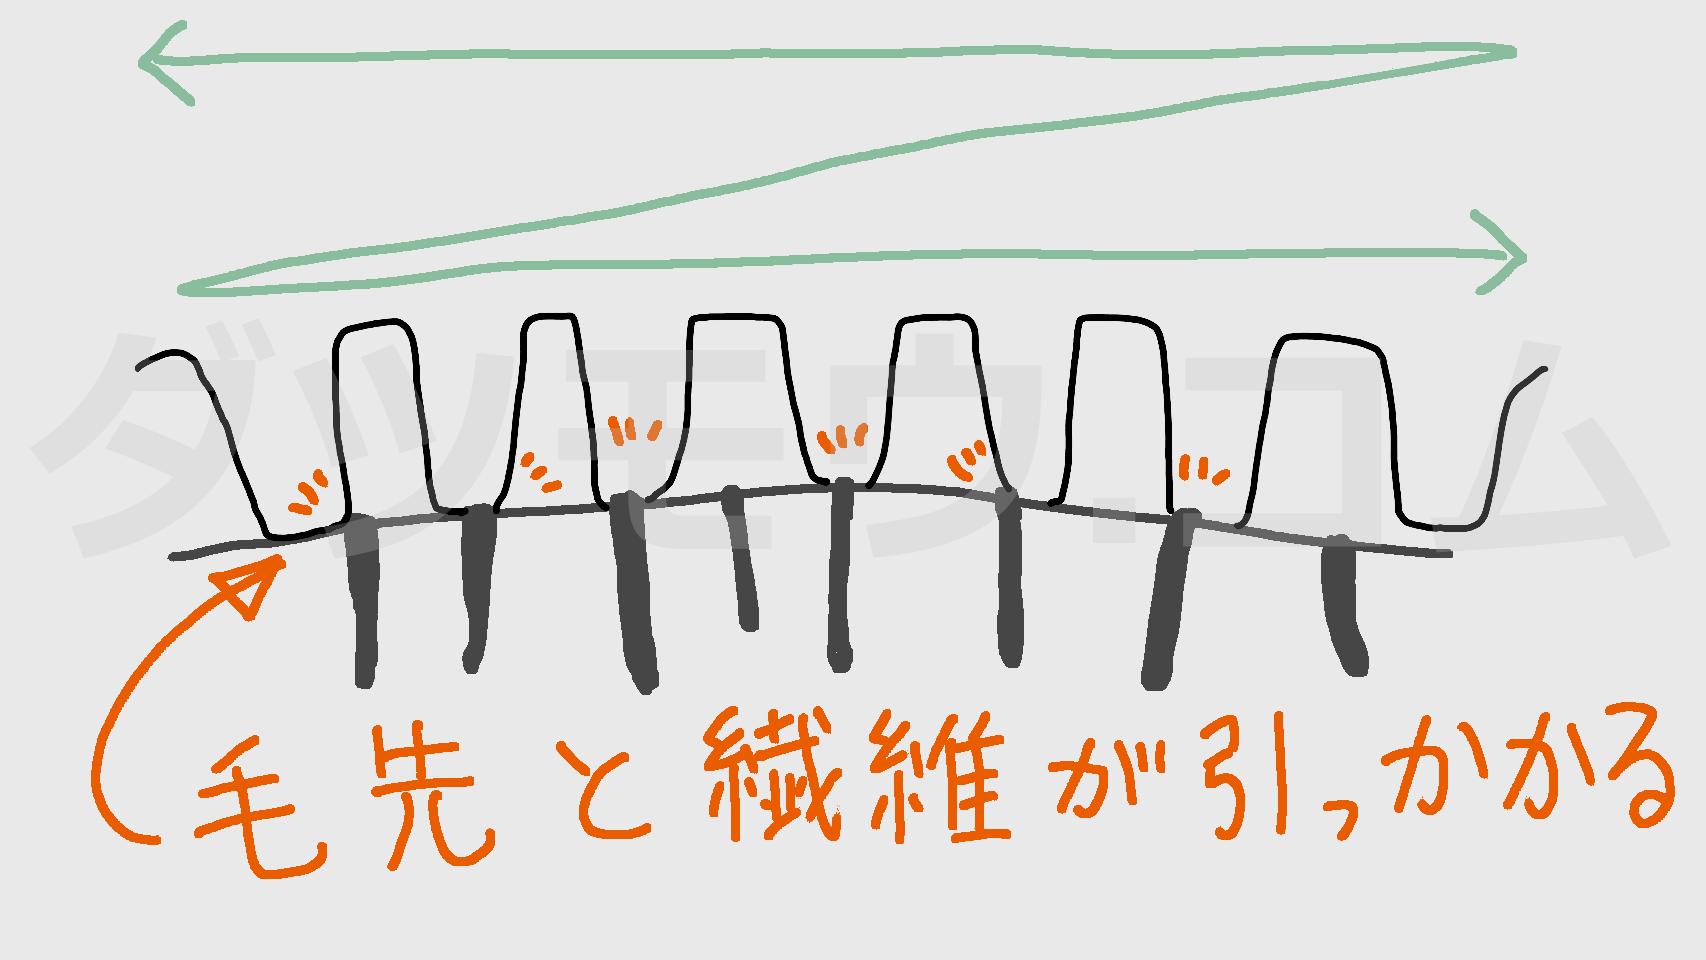 繊維とvioの擦れでチクチクする解説図